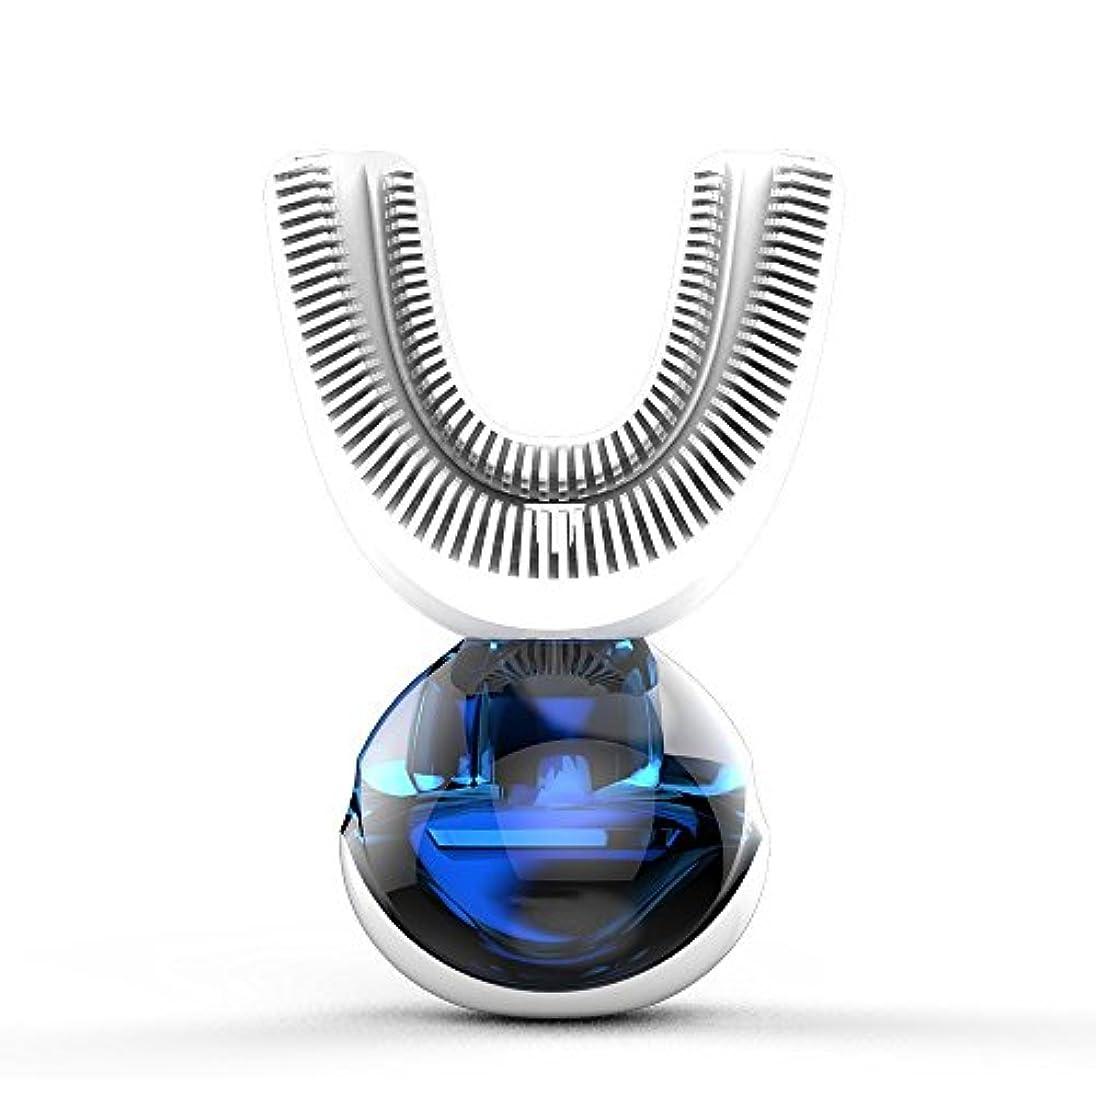 イライラする香水機動フルオートマチック可変周波数電動歯ブラシ、自動360度U字型電動歯ブラシ、ワイヤレス充電IPX7防水自動歯ブラシ(大人用)